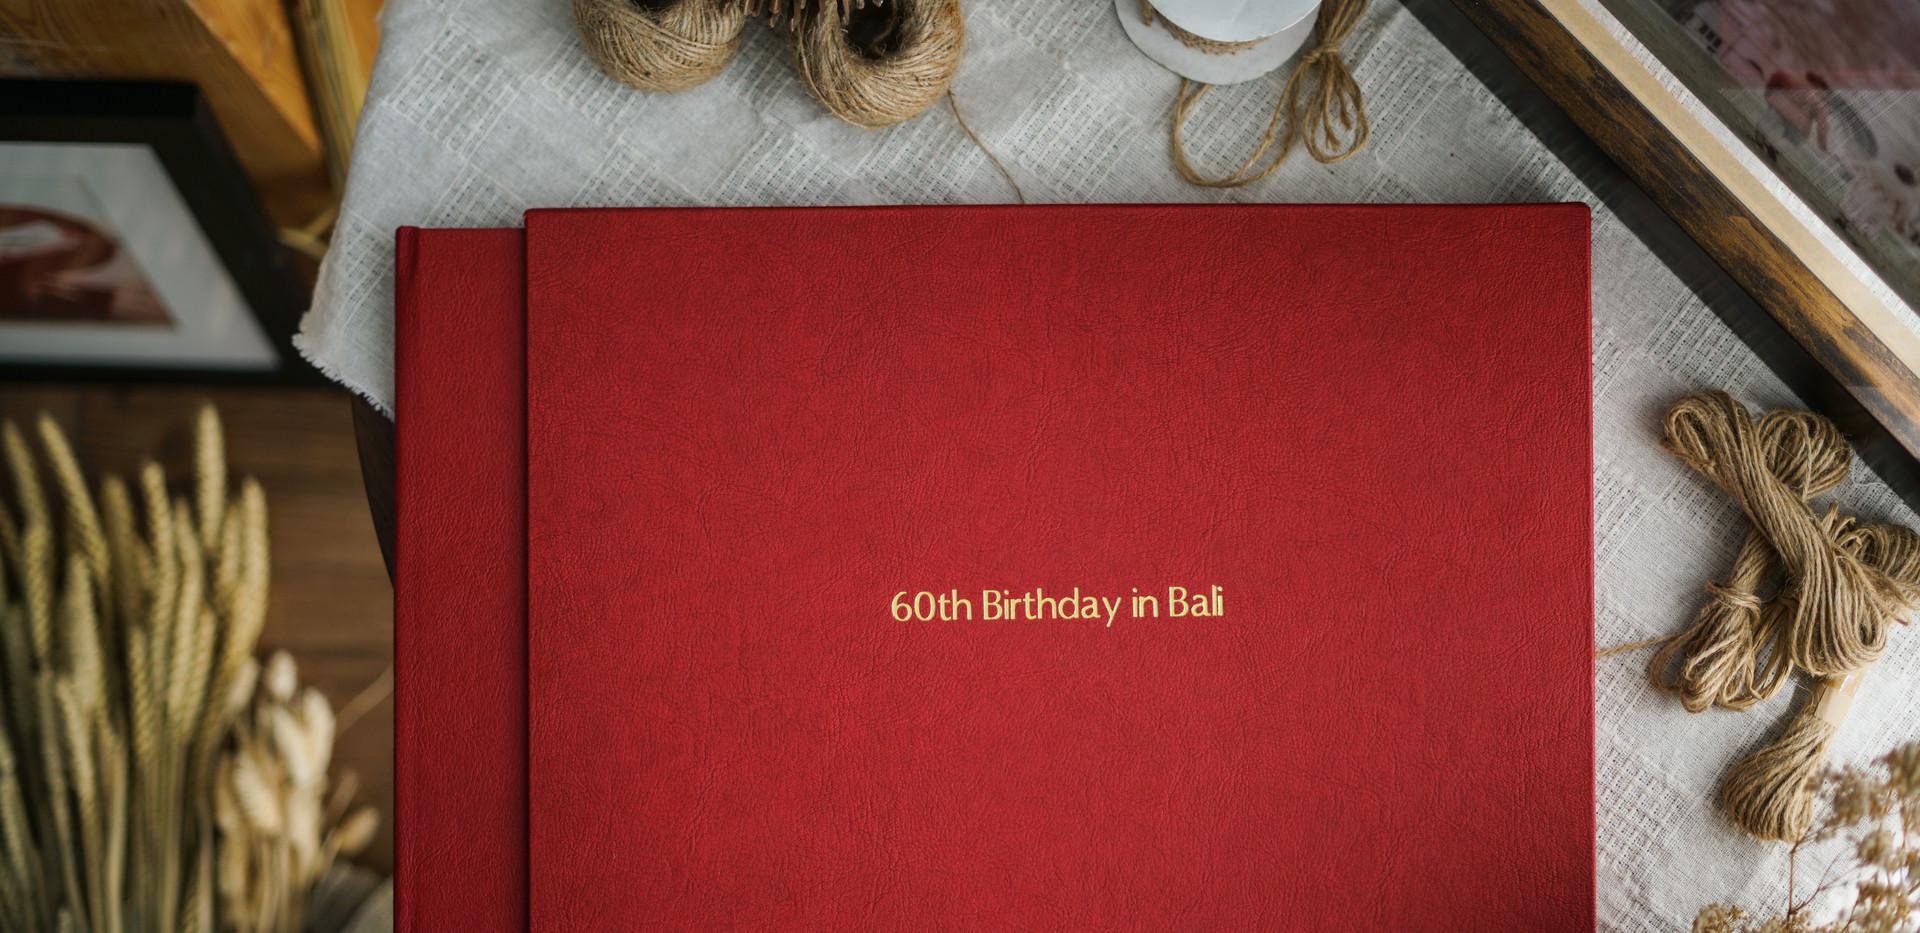 CLTCL photobook album-3.jpg